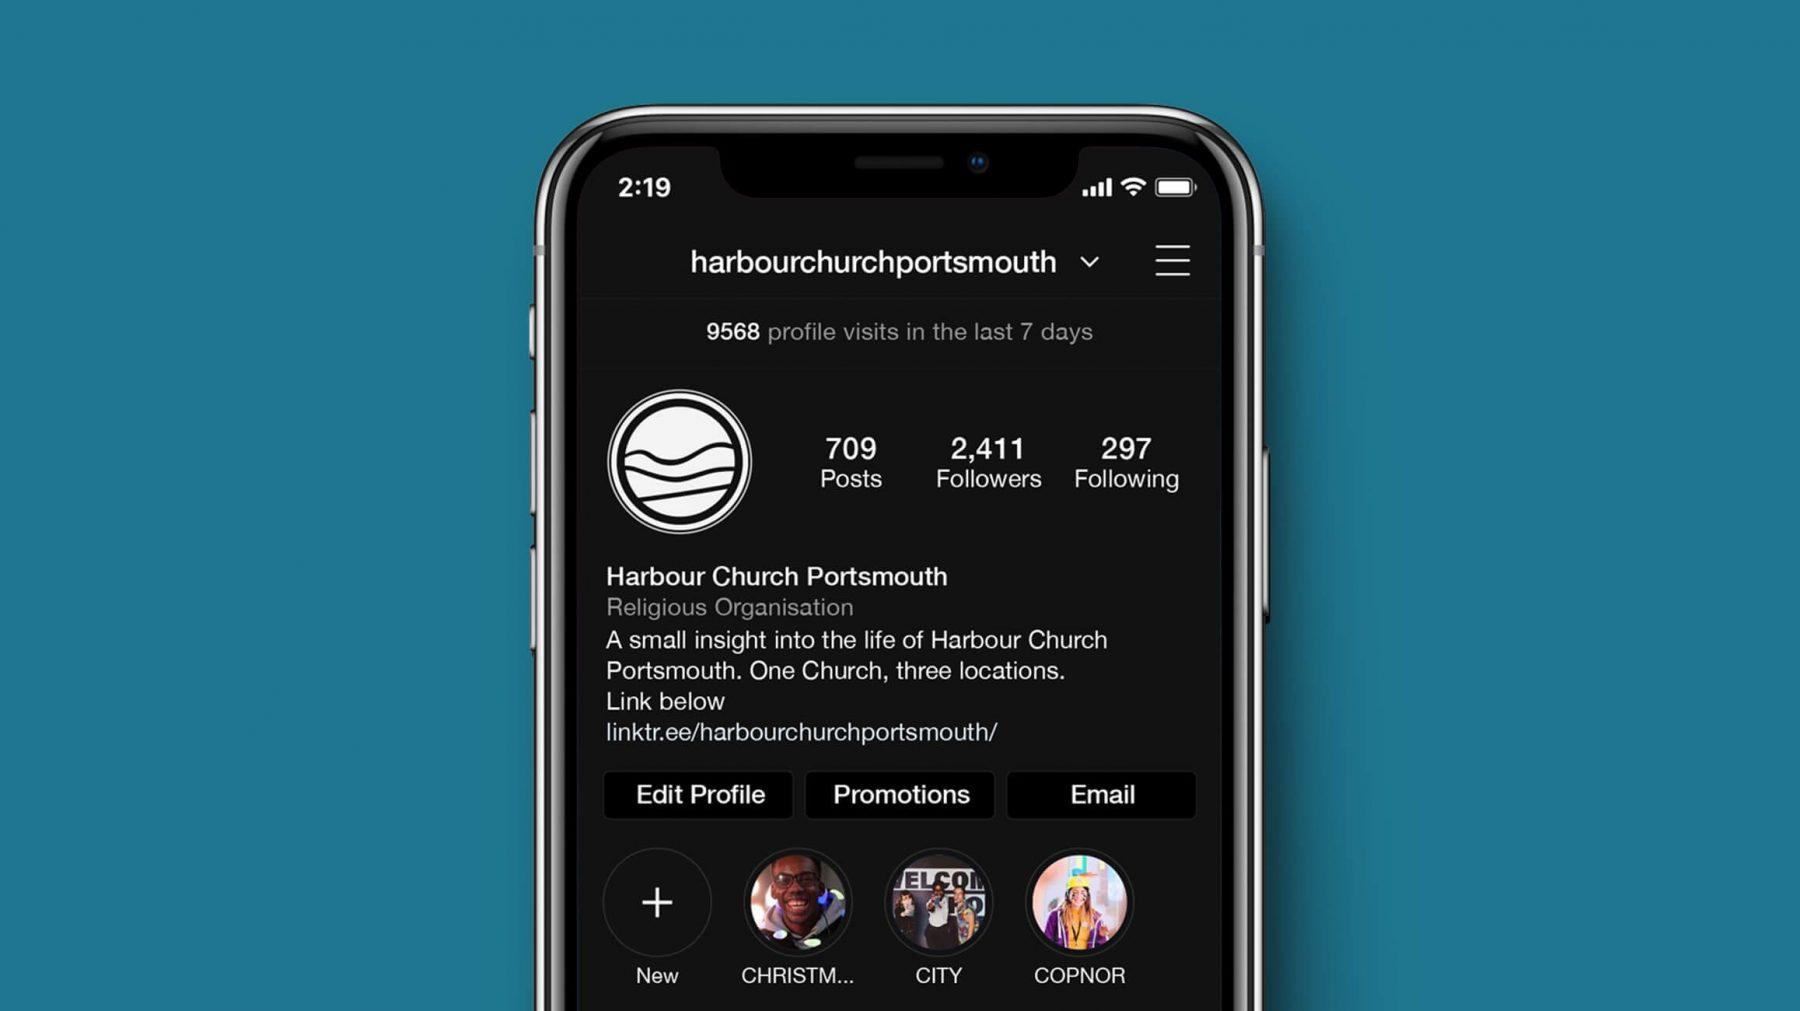 Harbour Church Instagram account branding